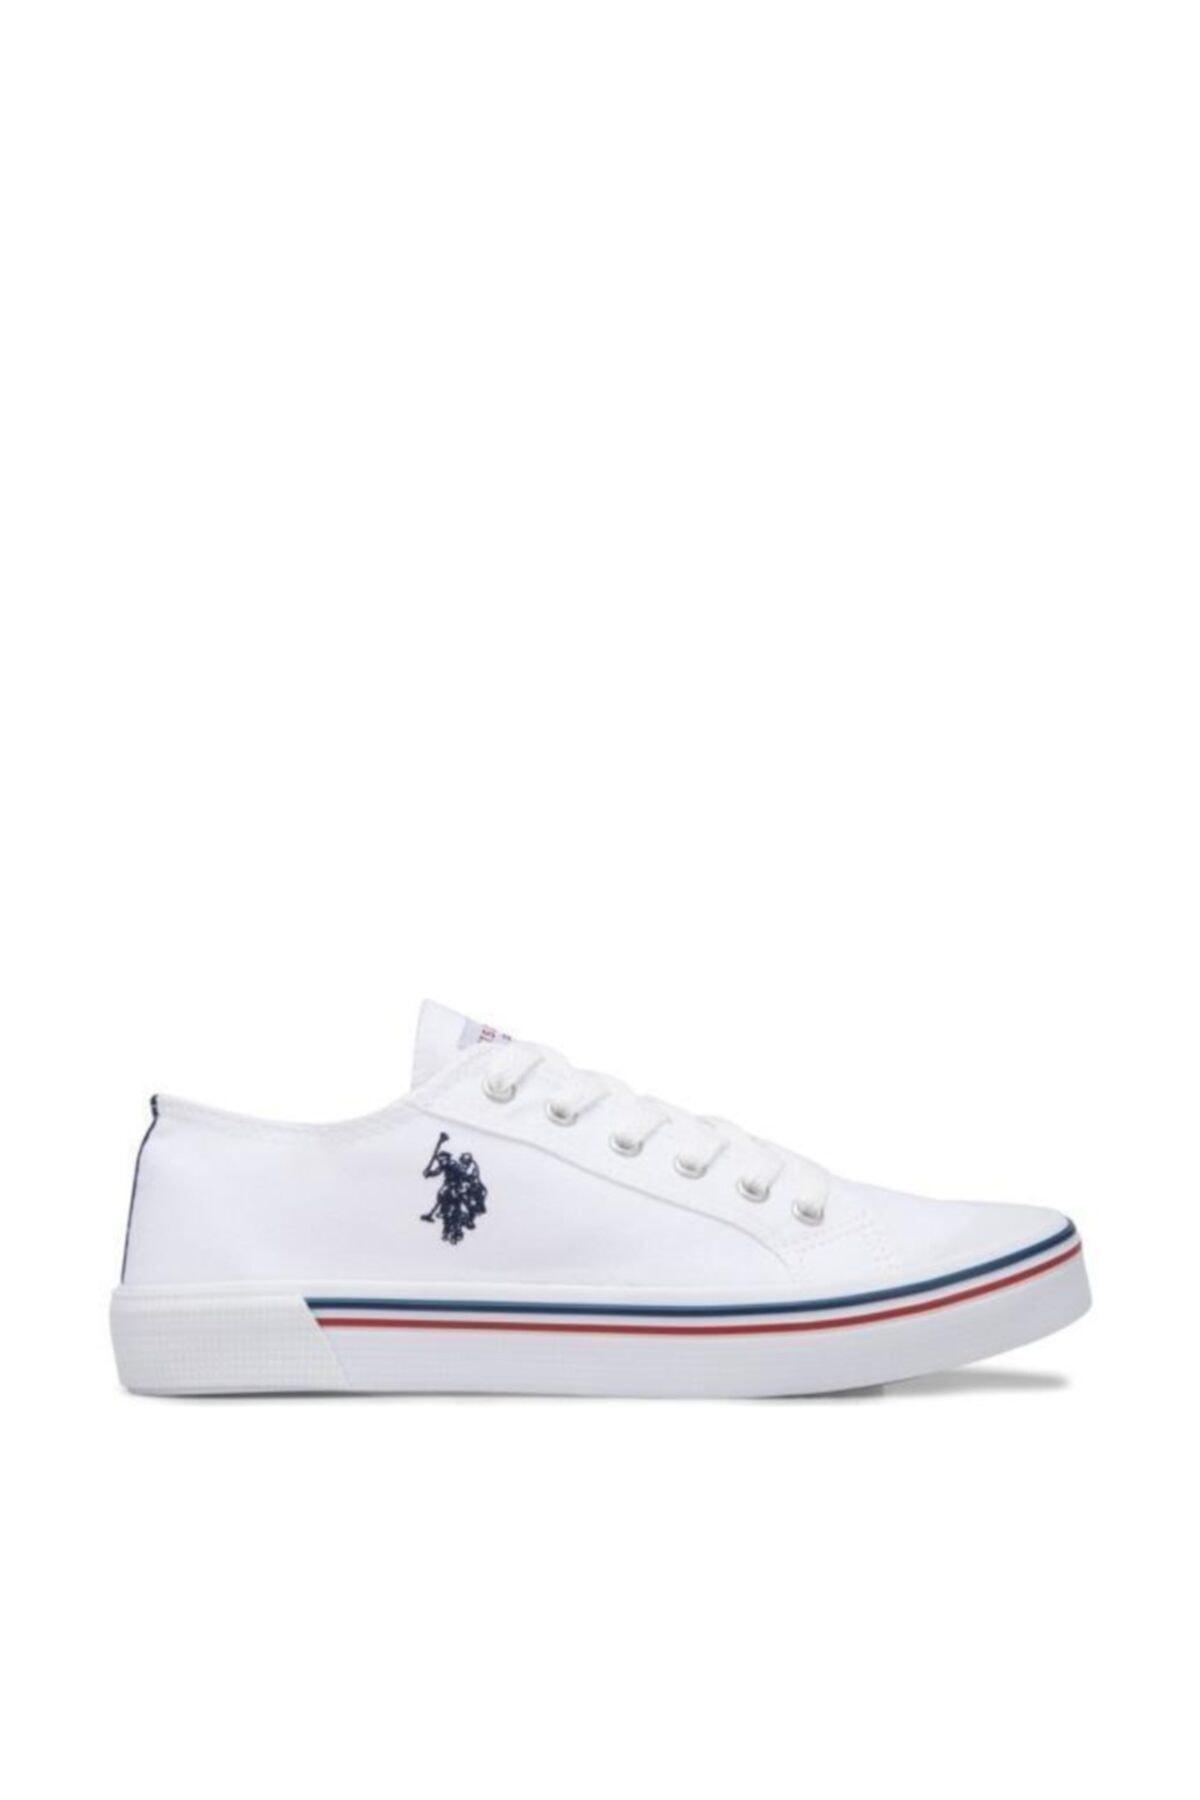 U.S. Polo Assn. Unisex Beyaz Penelope Spor 1